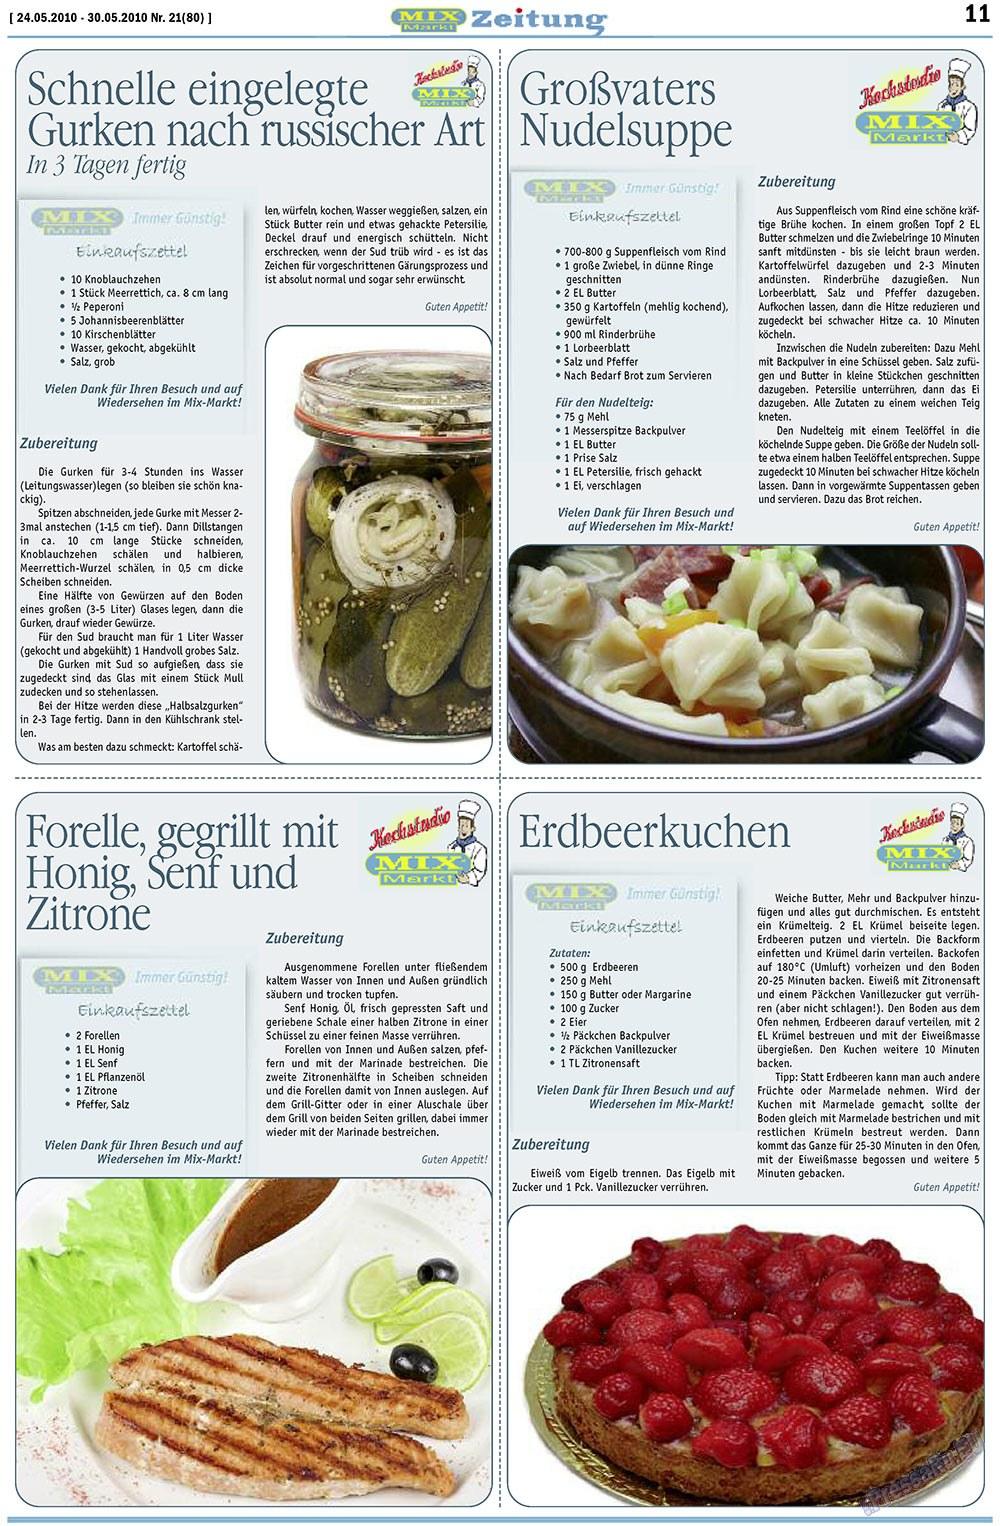 MIX-Markt Zeitung (газета). 2010 год, номер 21, стр. 11